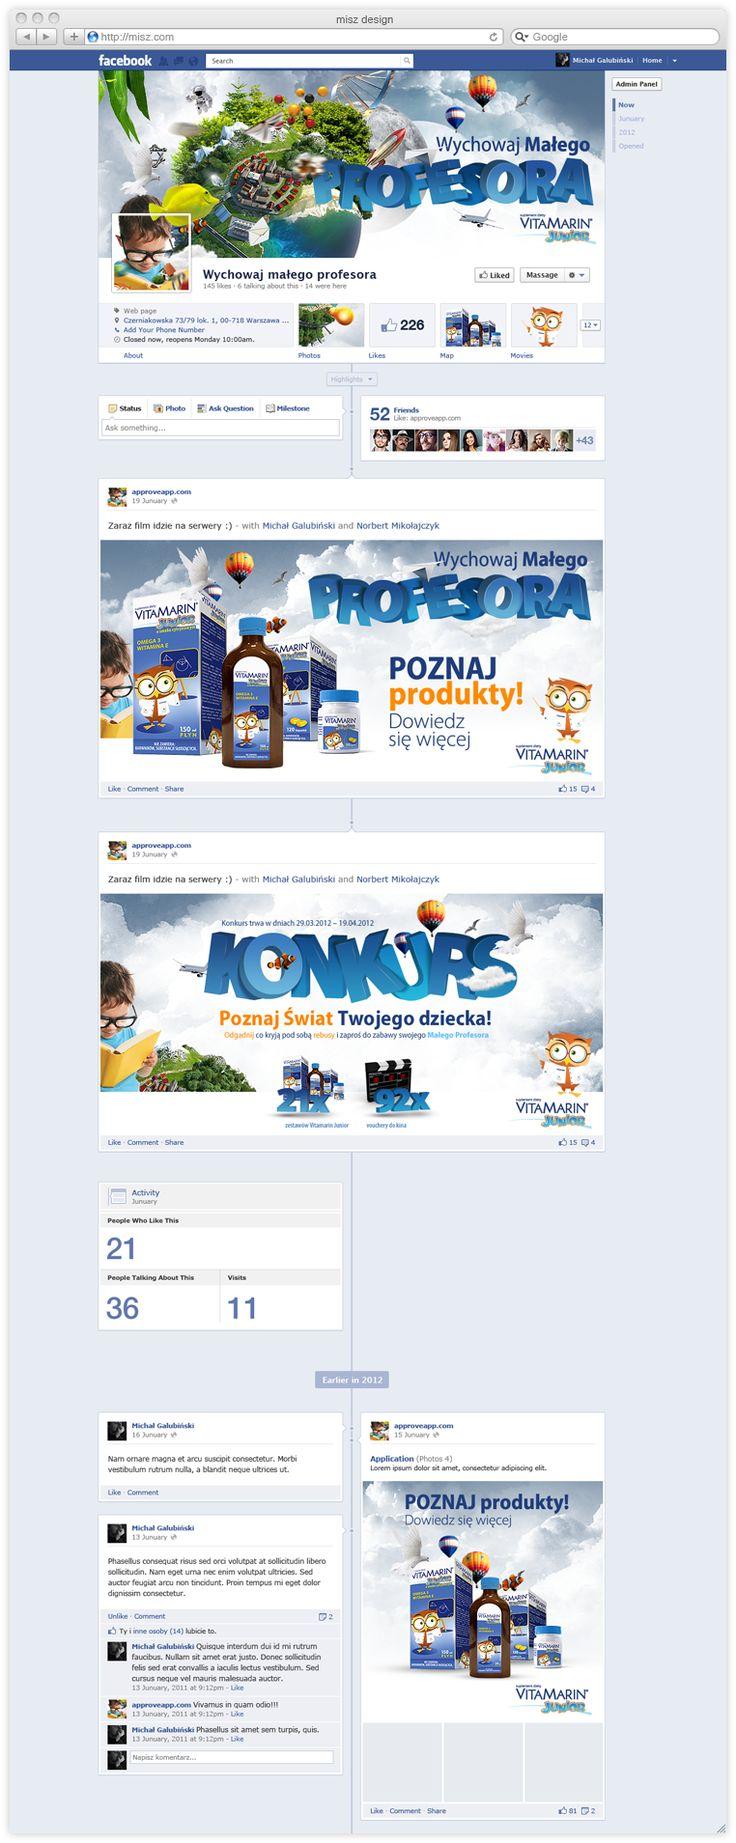 VitaMarin, wychowaj małego profesora – facebook fanpage | misz michal galubinski design